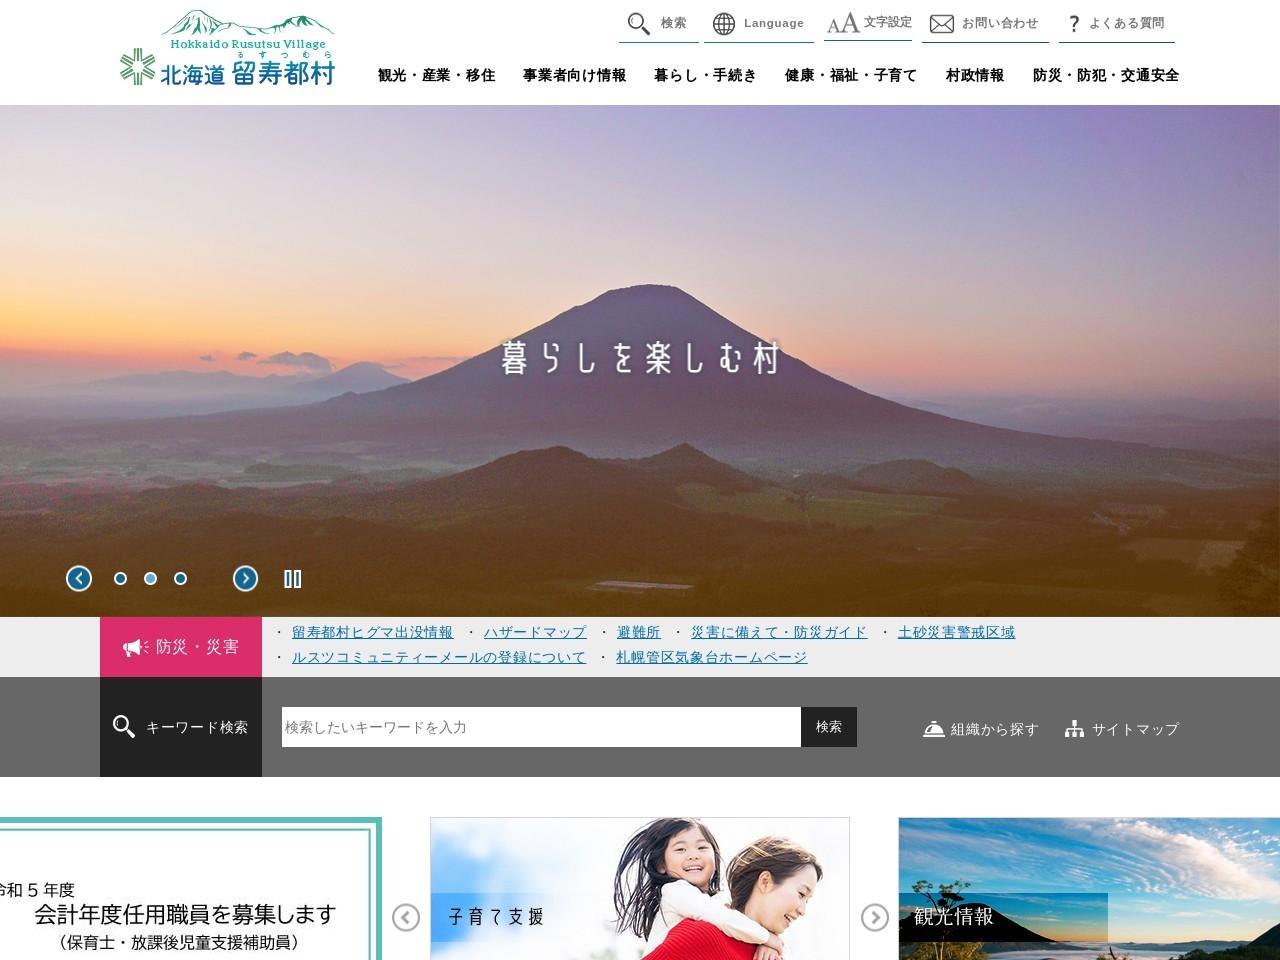 http://www.vill.rusutsu.lg.jp/hotnews/detail/00002137.html